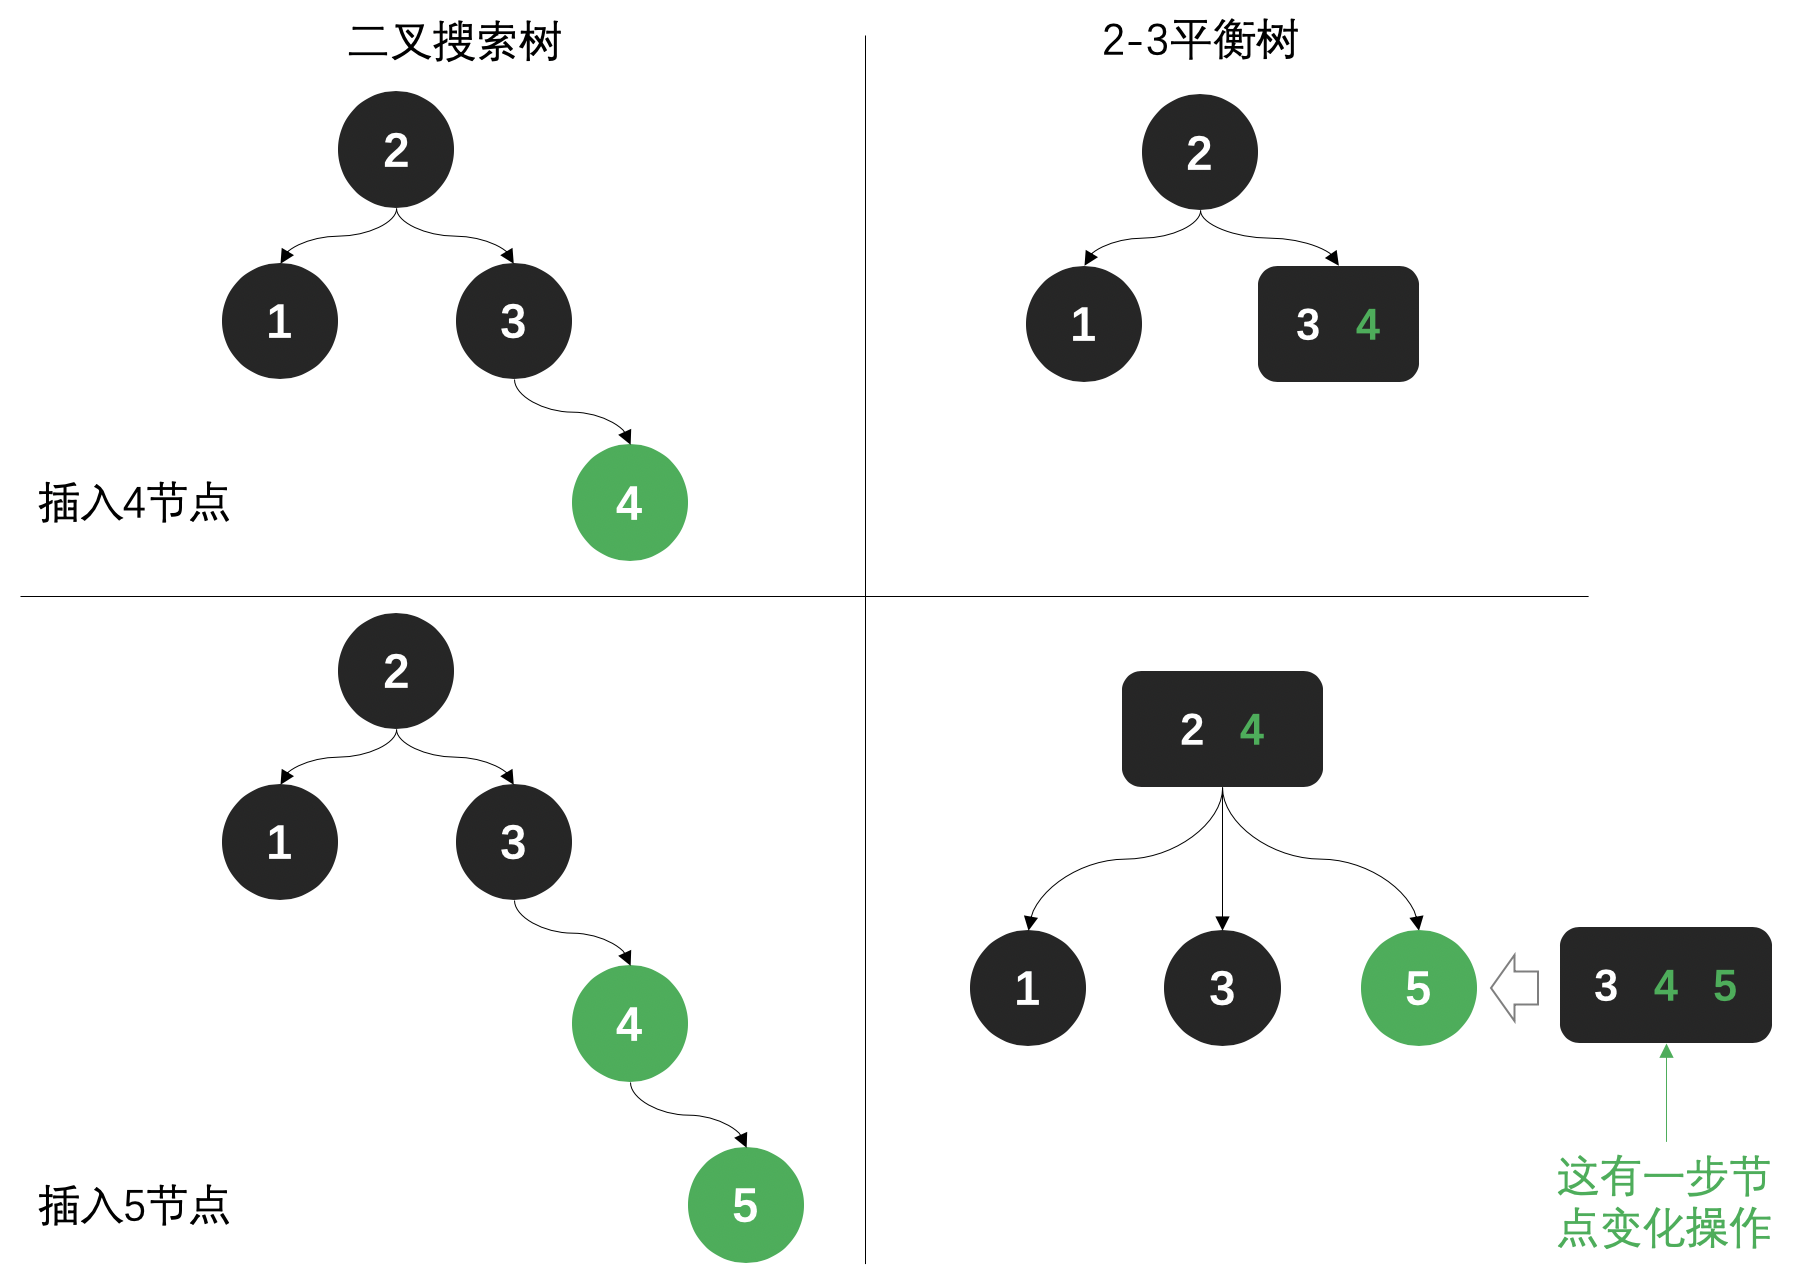 公众号:bugstack虫洞栈 & 2-3树解决平稳问题